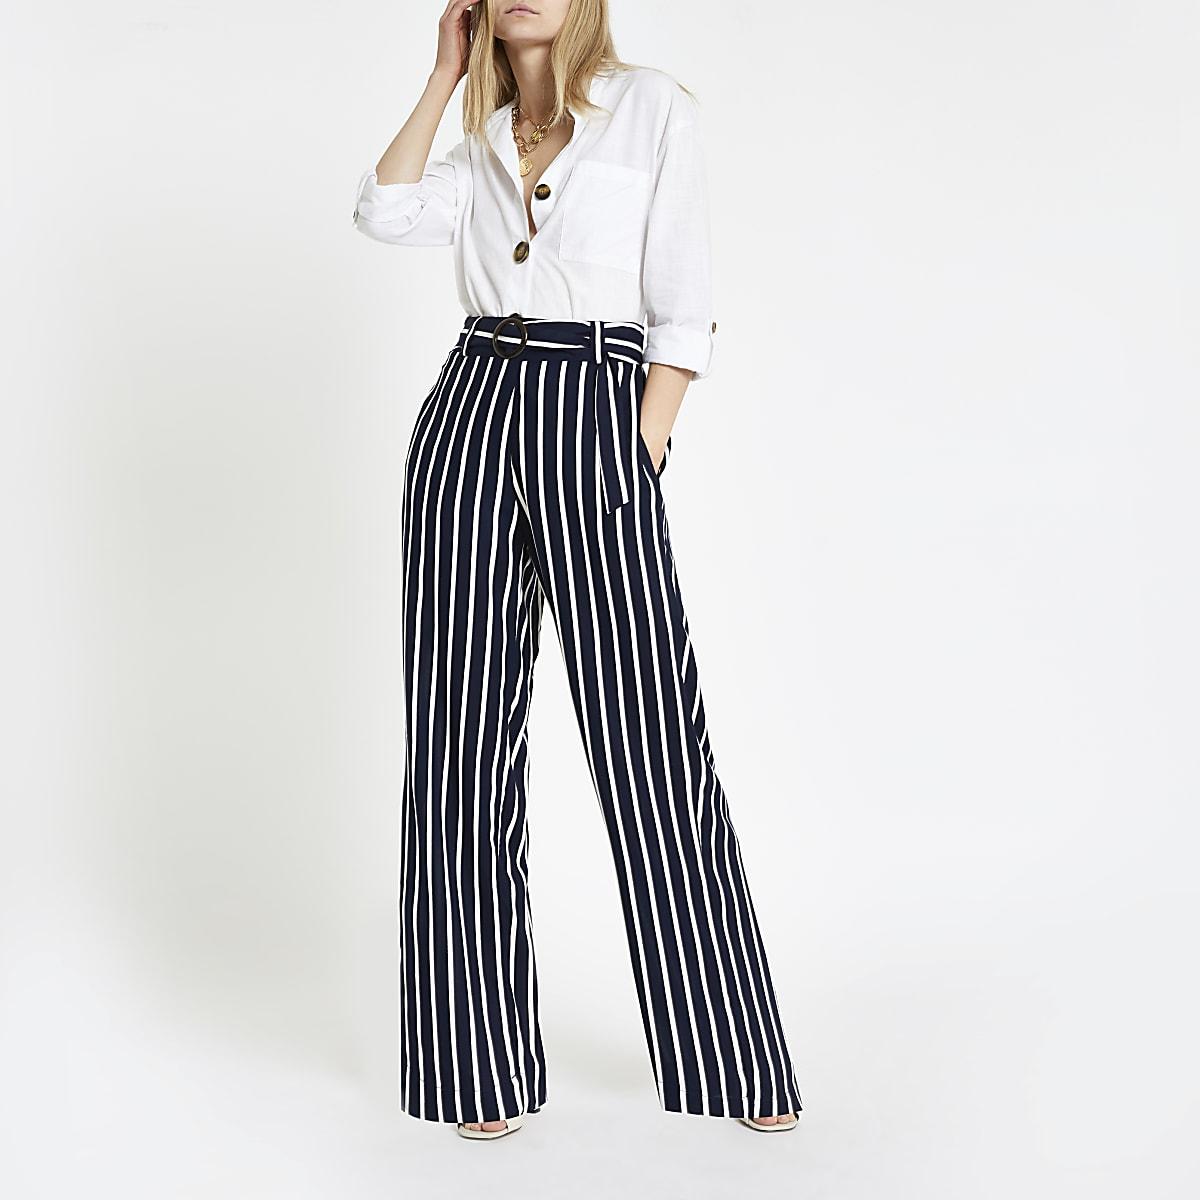 Navy stripe wide leg pants